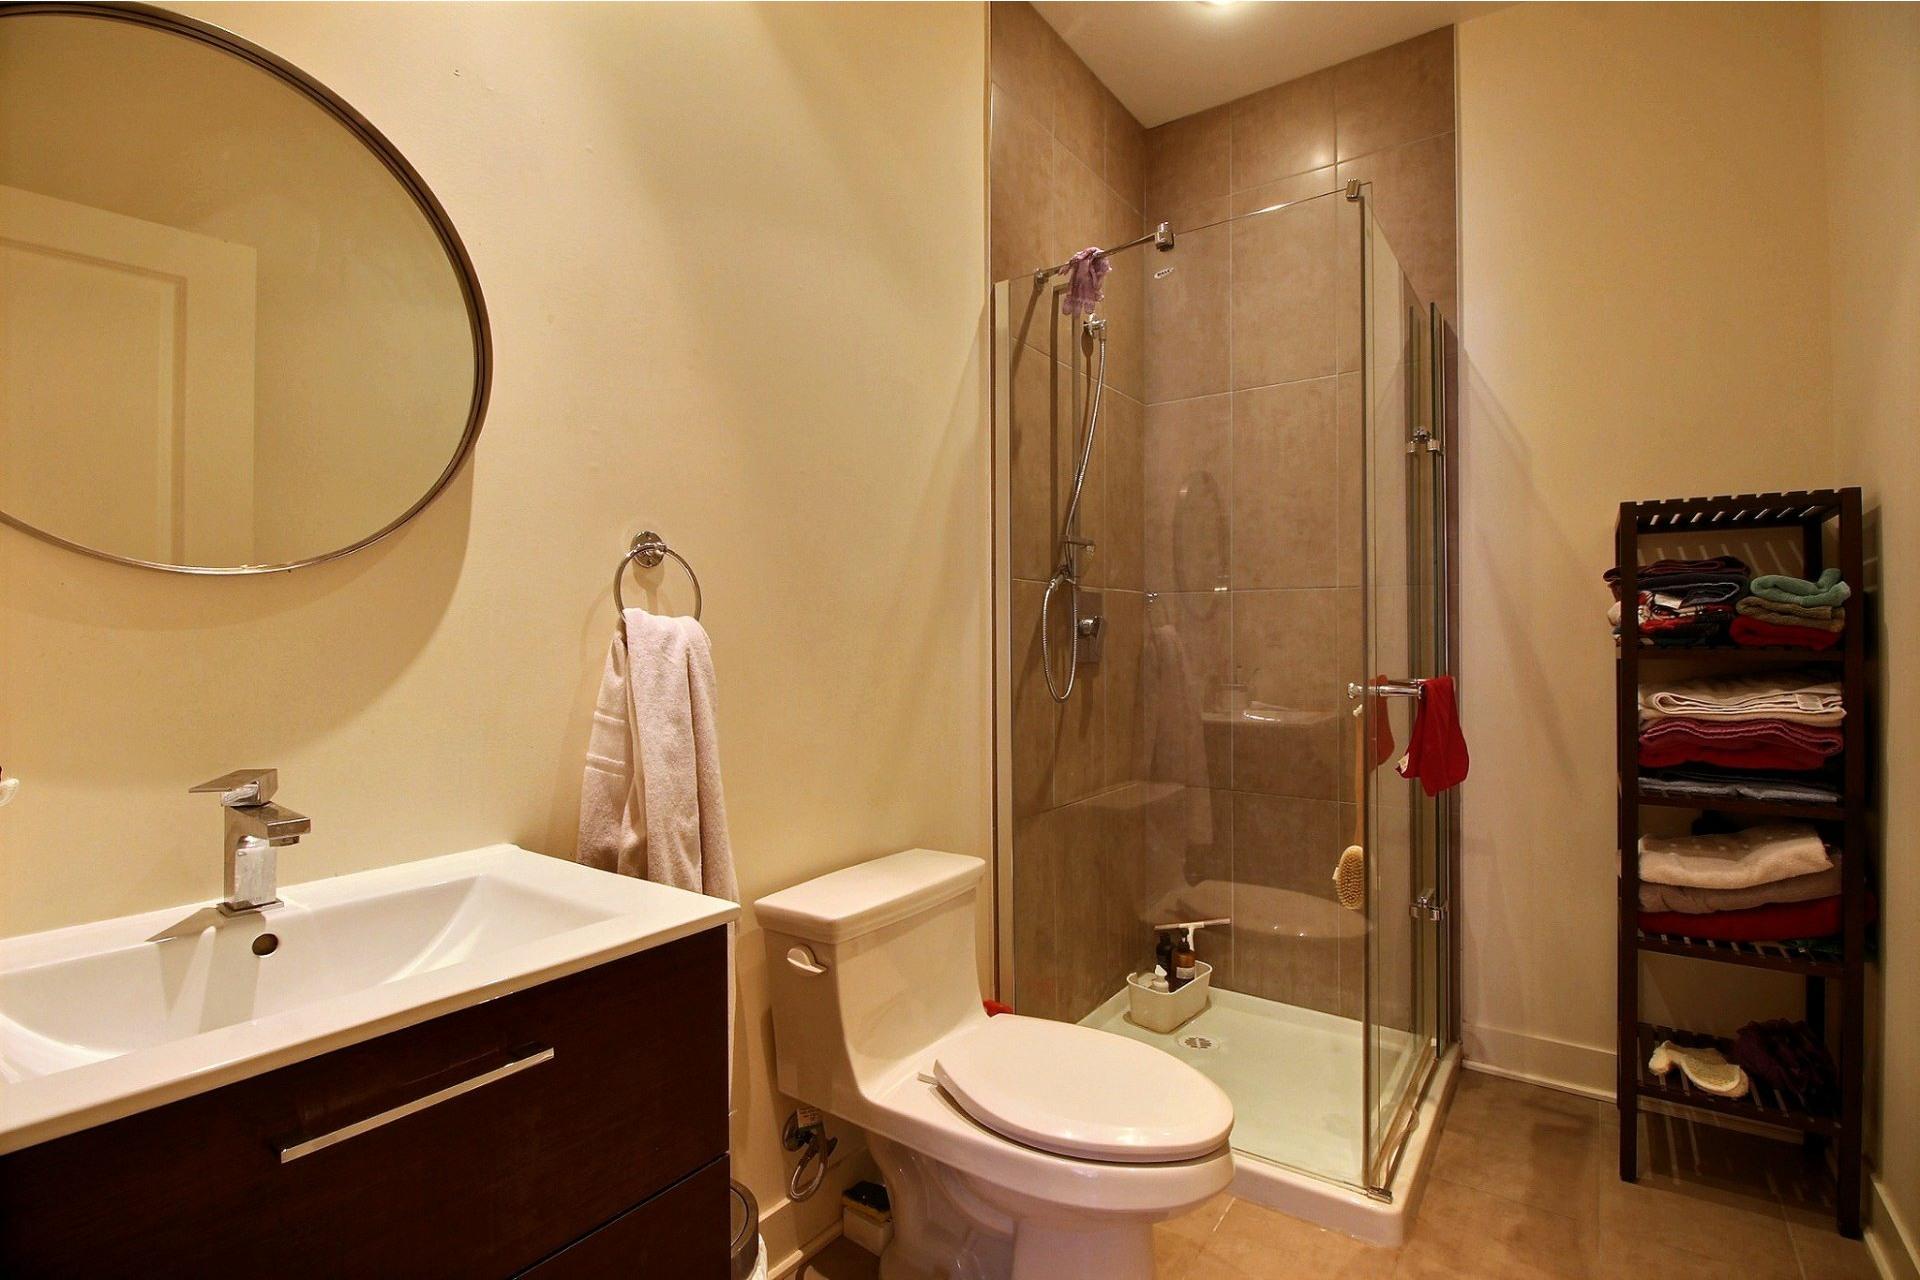 image 23 - Apartment For rent Rivière-des-Prairies/Pointe-aux-Trembles Montréal  - 6 rooms